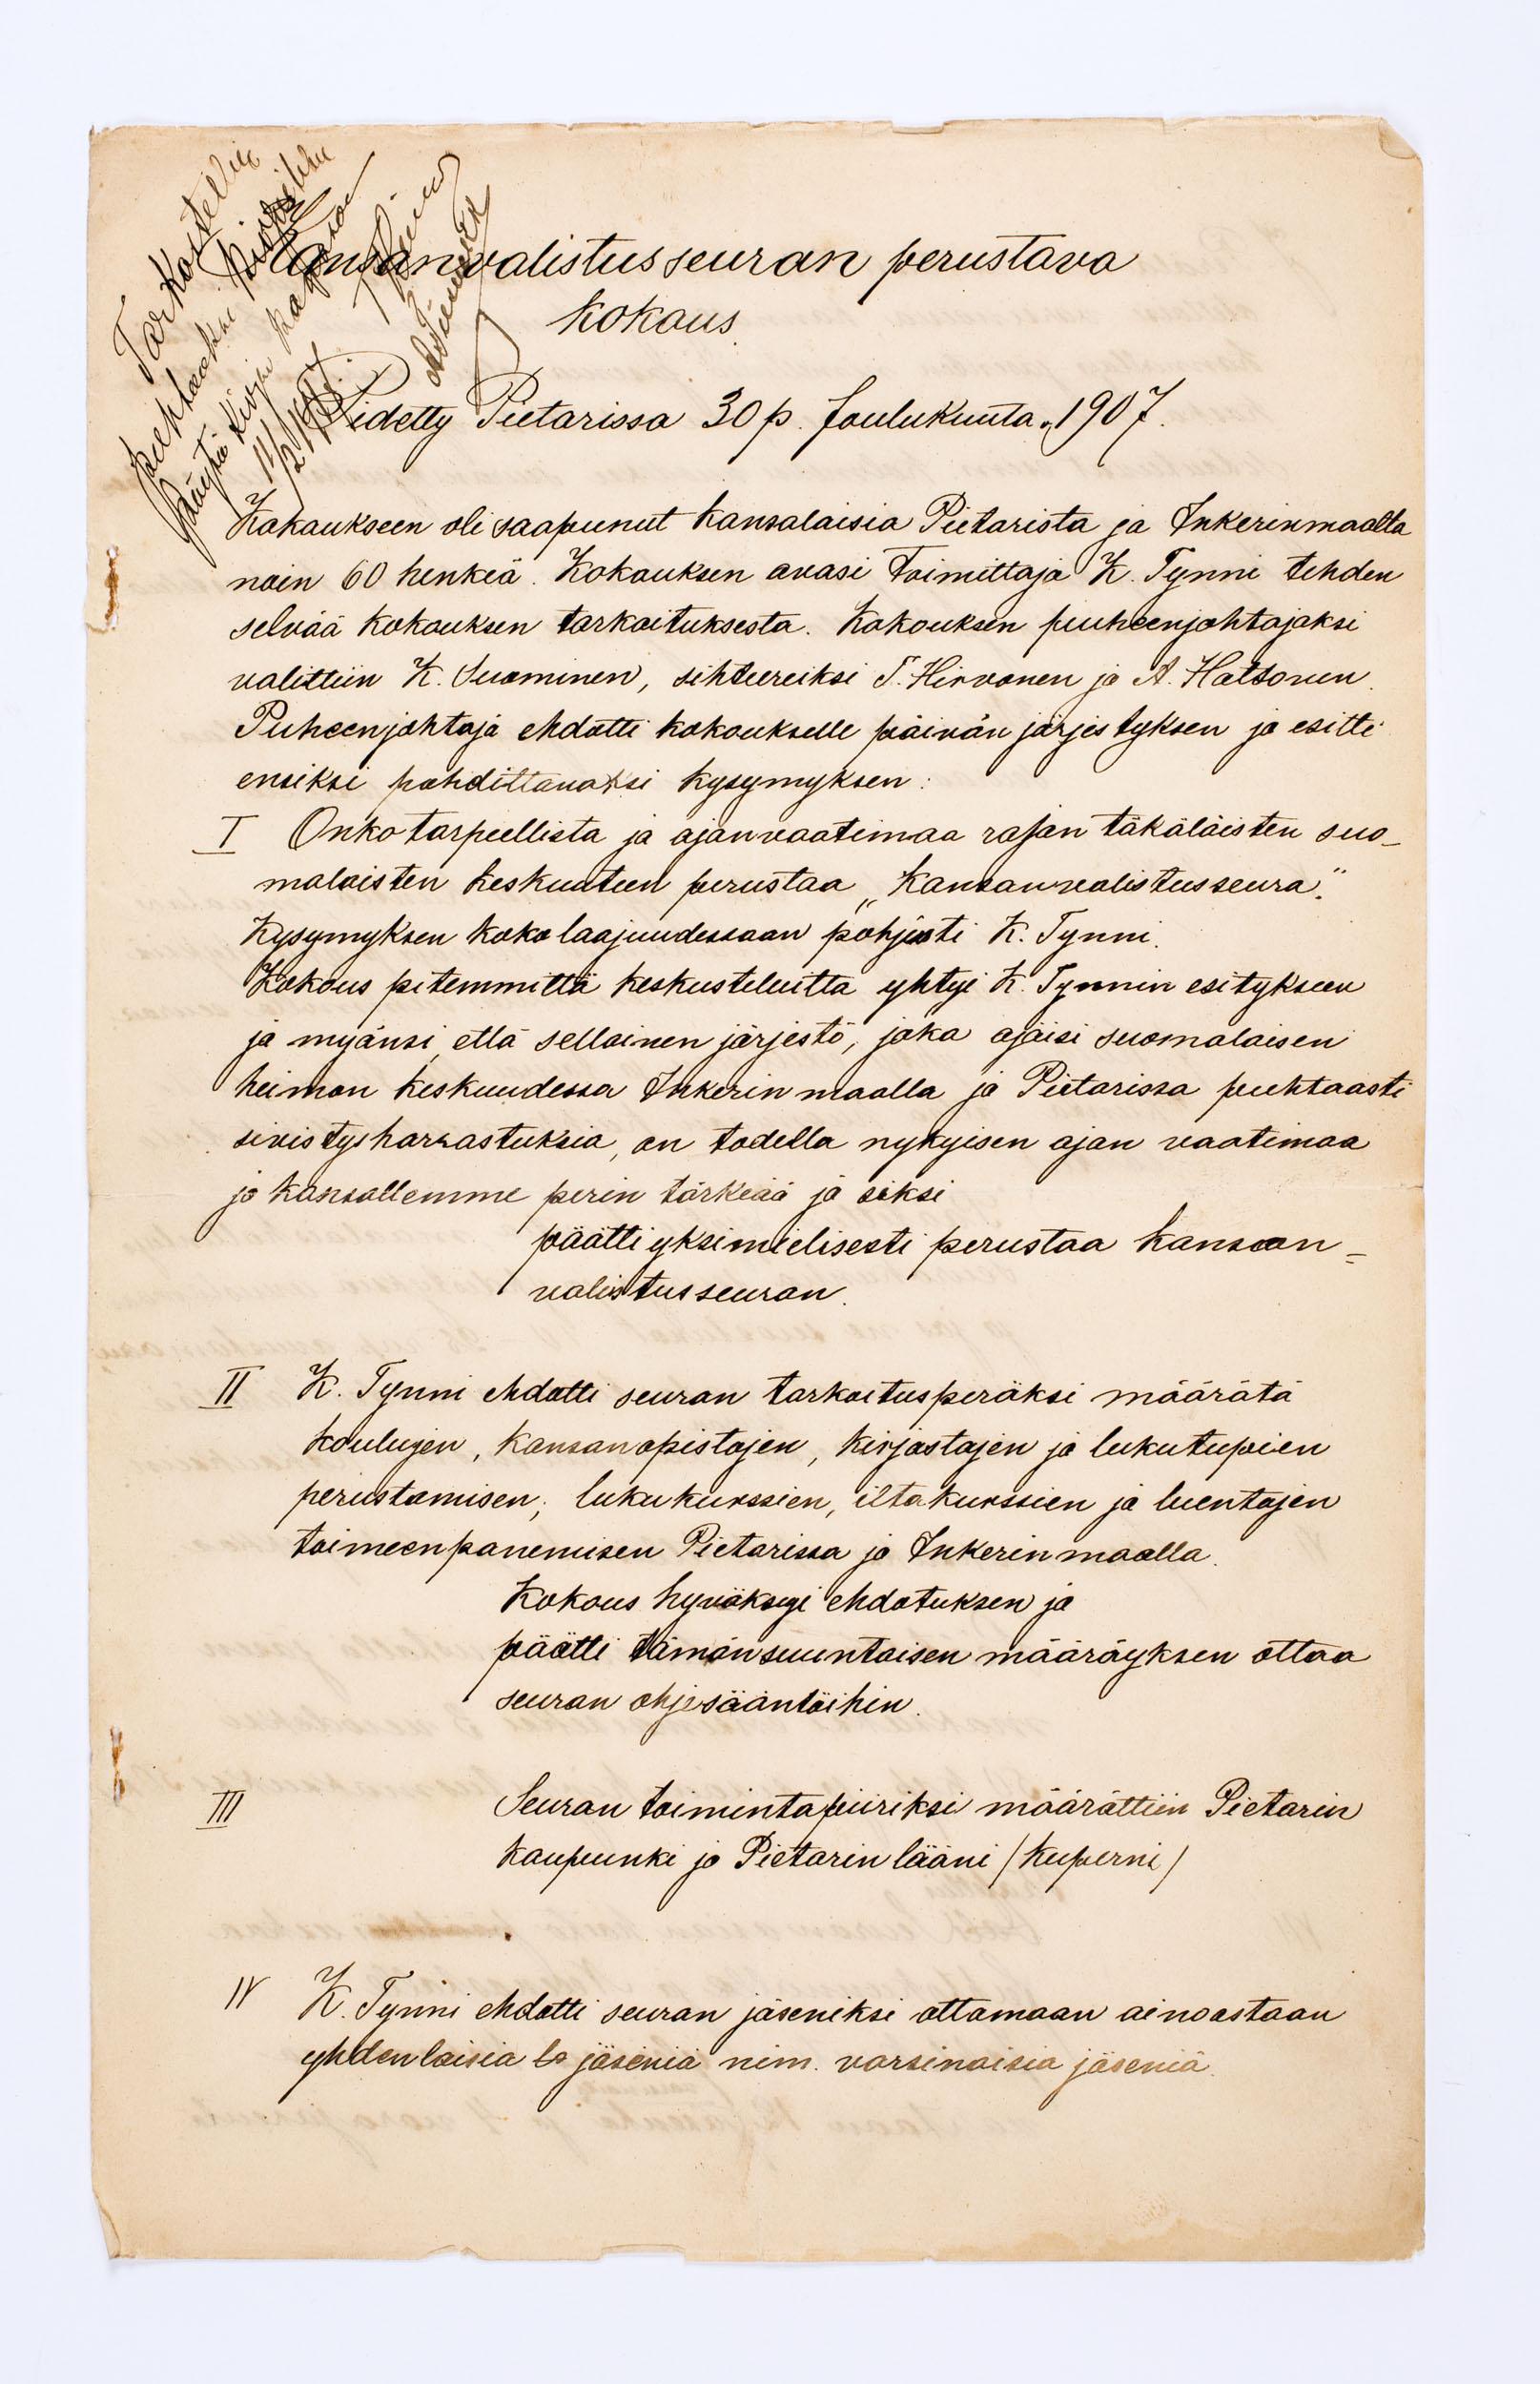 Kansanvalistusseuran perustavan kokouksen pöytäkirja vuodelta 1907. Yksi perustajajäsenistä oli Kaapre Tynni. SKS KRA, Antti Hämäläisen arkisto. CC BY 4.0